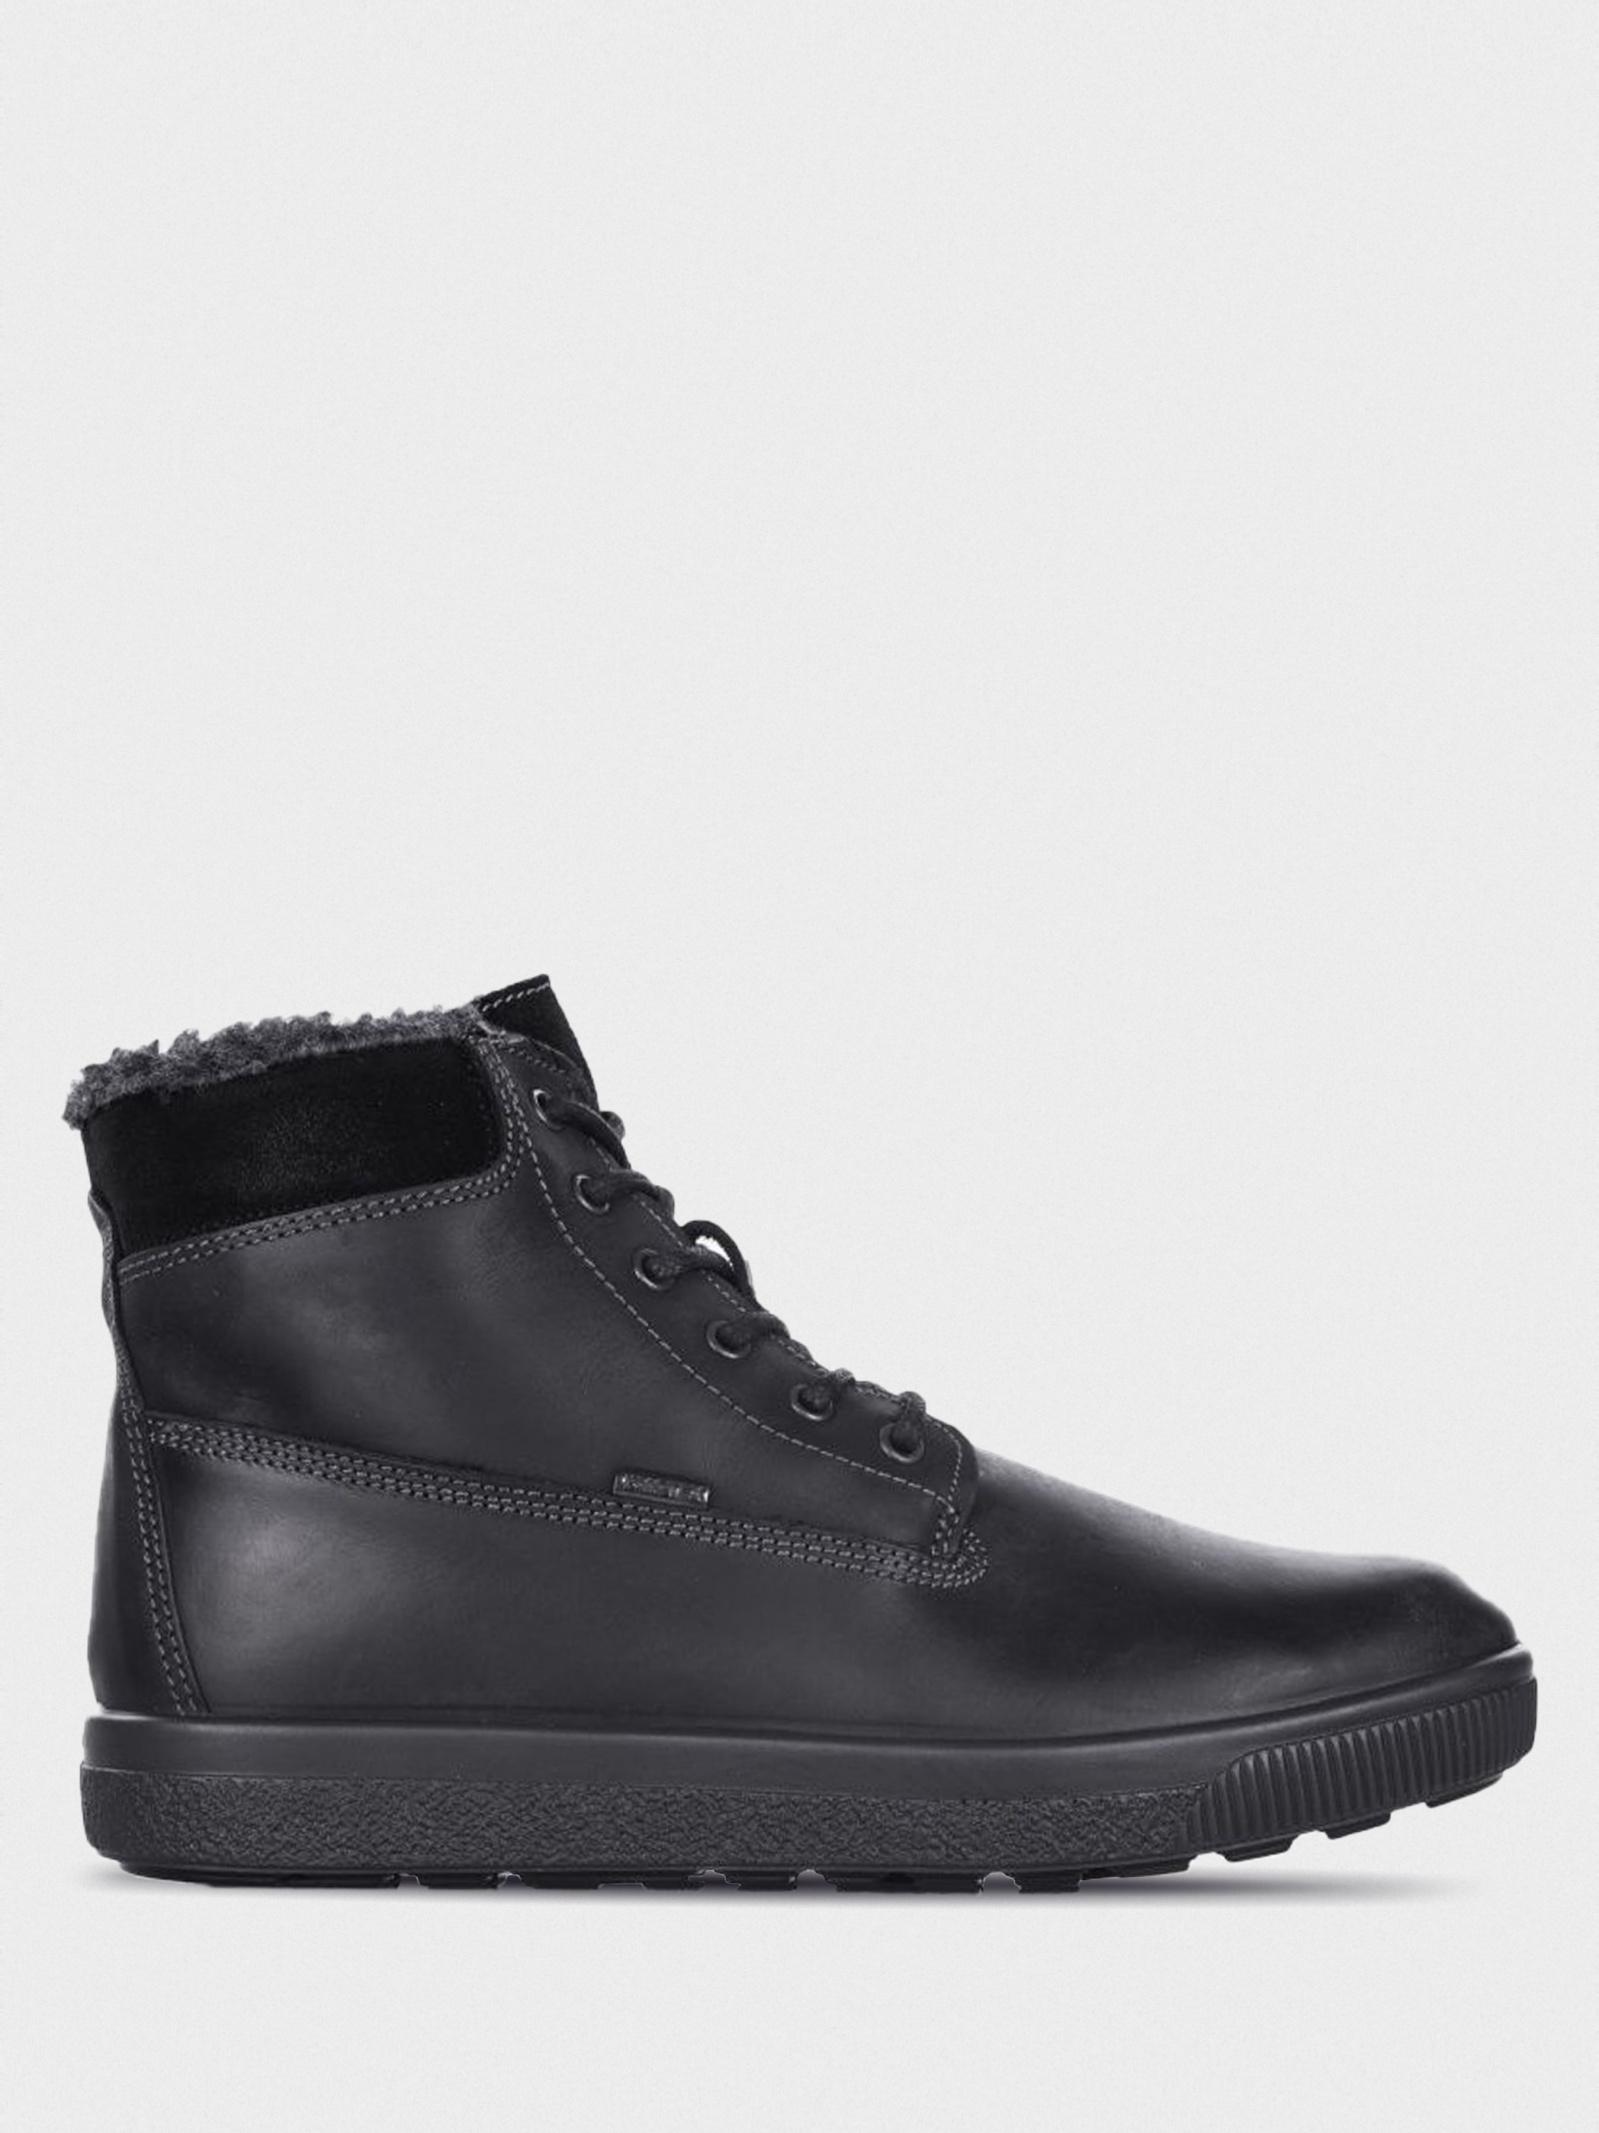 Ботинки для мужчин IMAC SEASON YH103 продажа, 2017